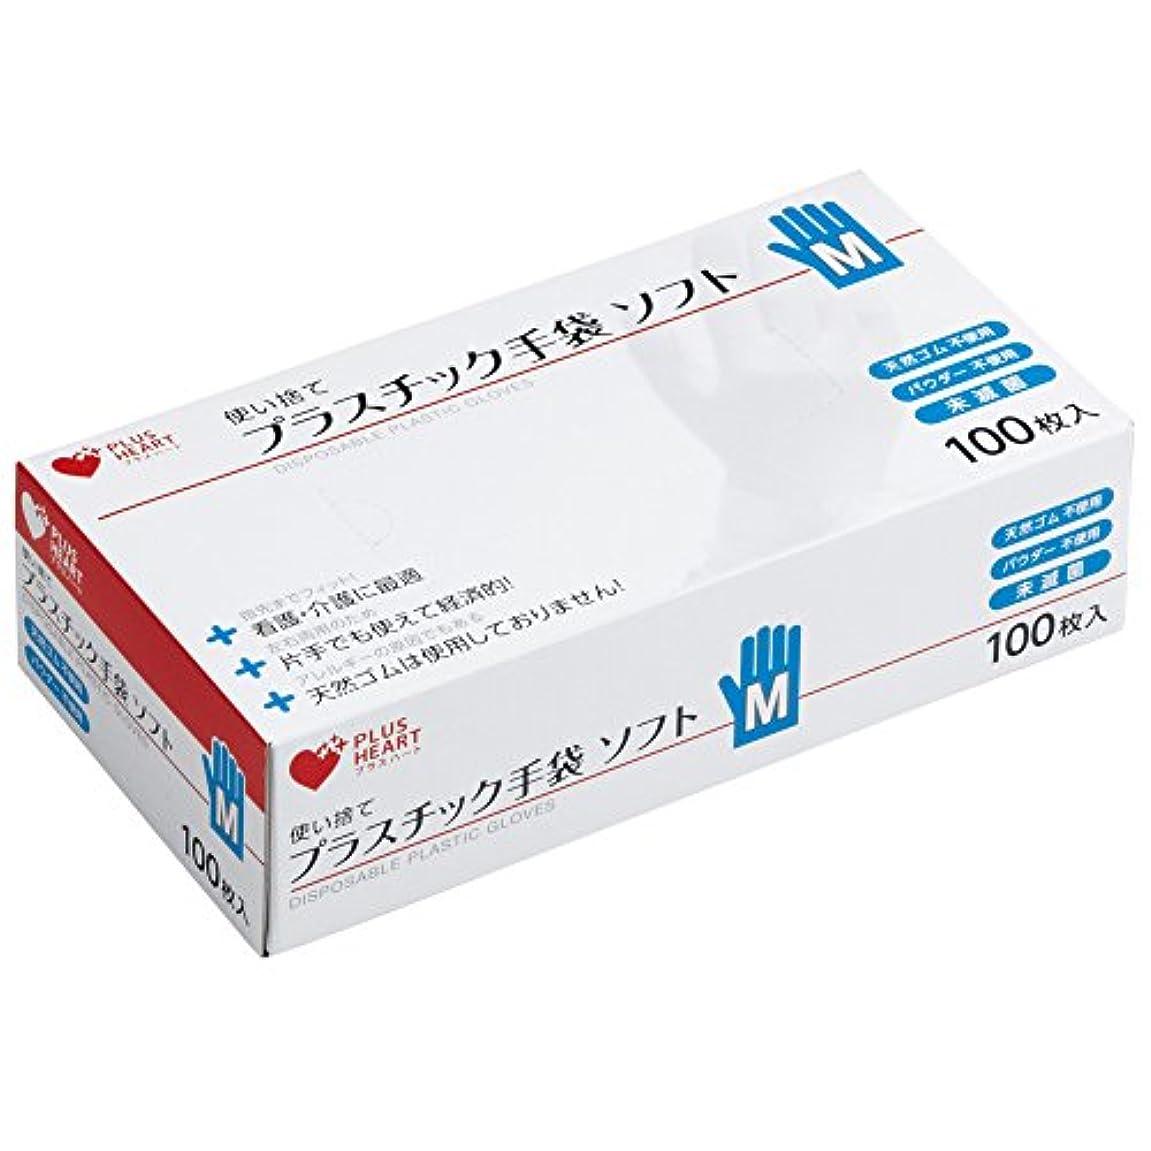 マトリックス子羊略すオオサキメディカル プラスハート 使い捨てプラスチック手袋 ソフト Mサイズ 100枚入